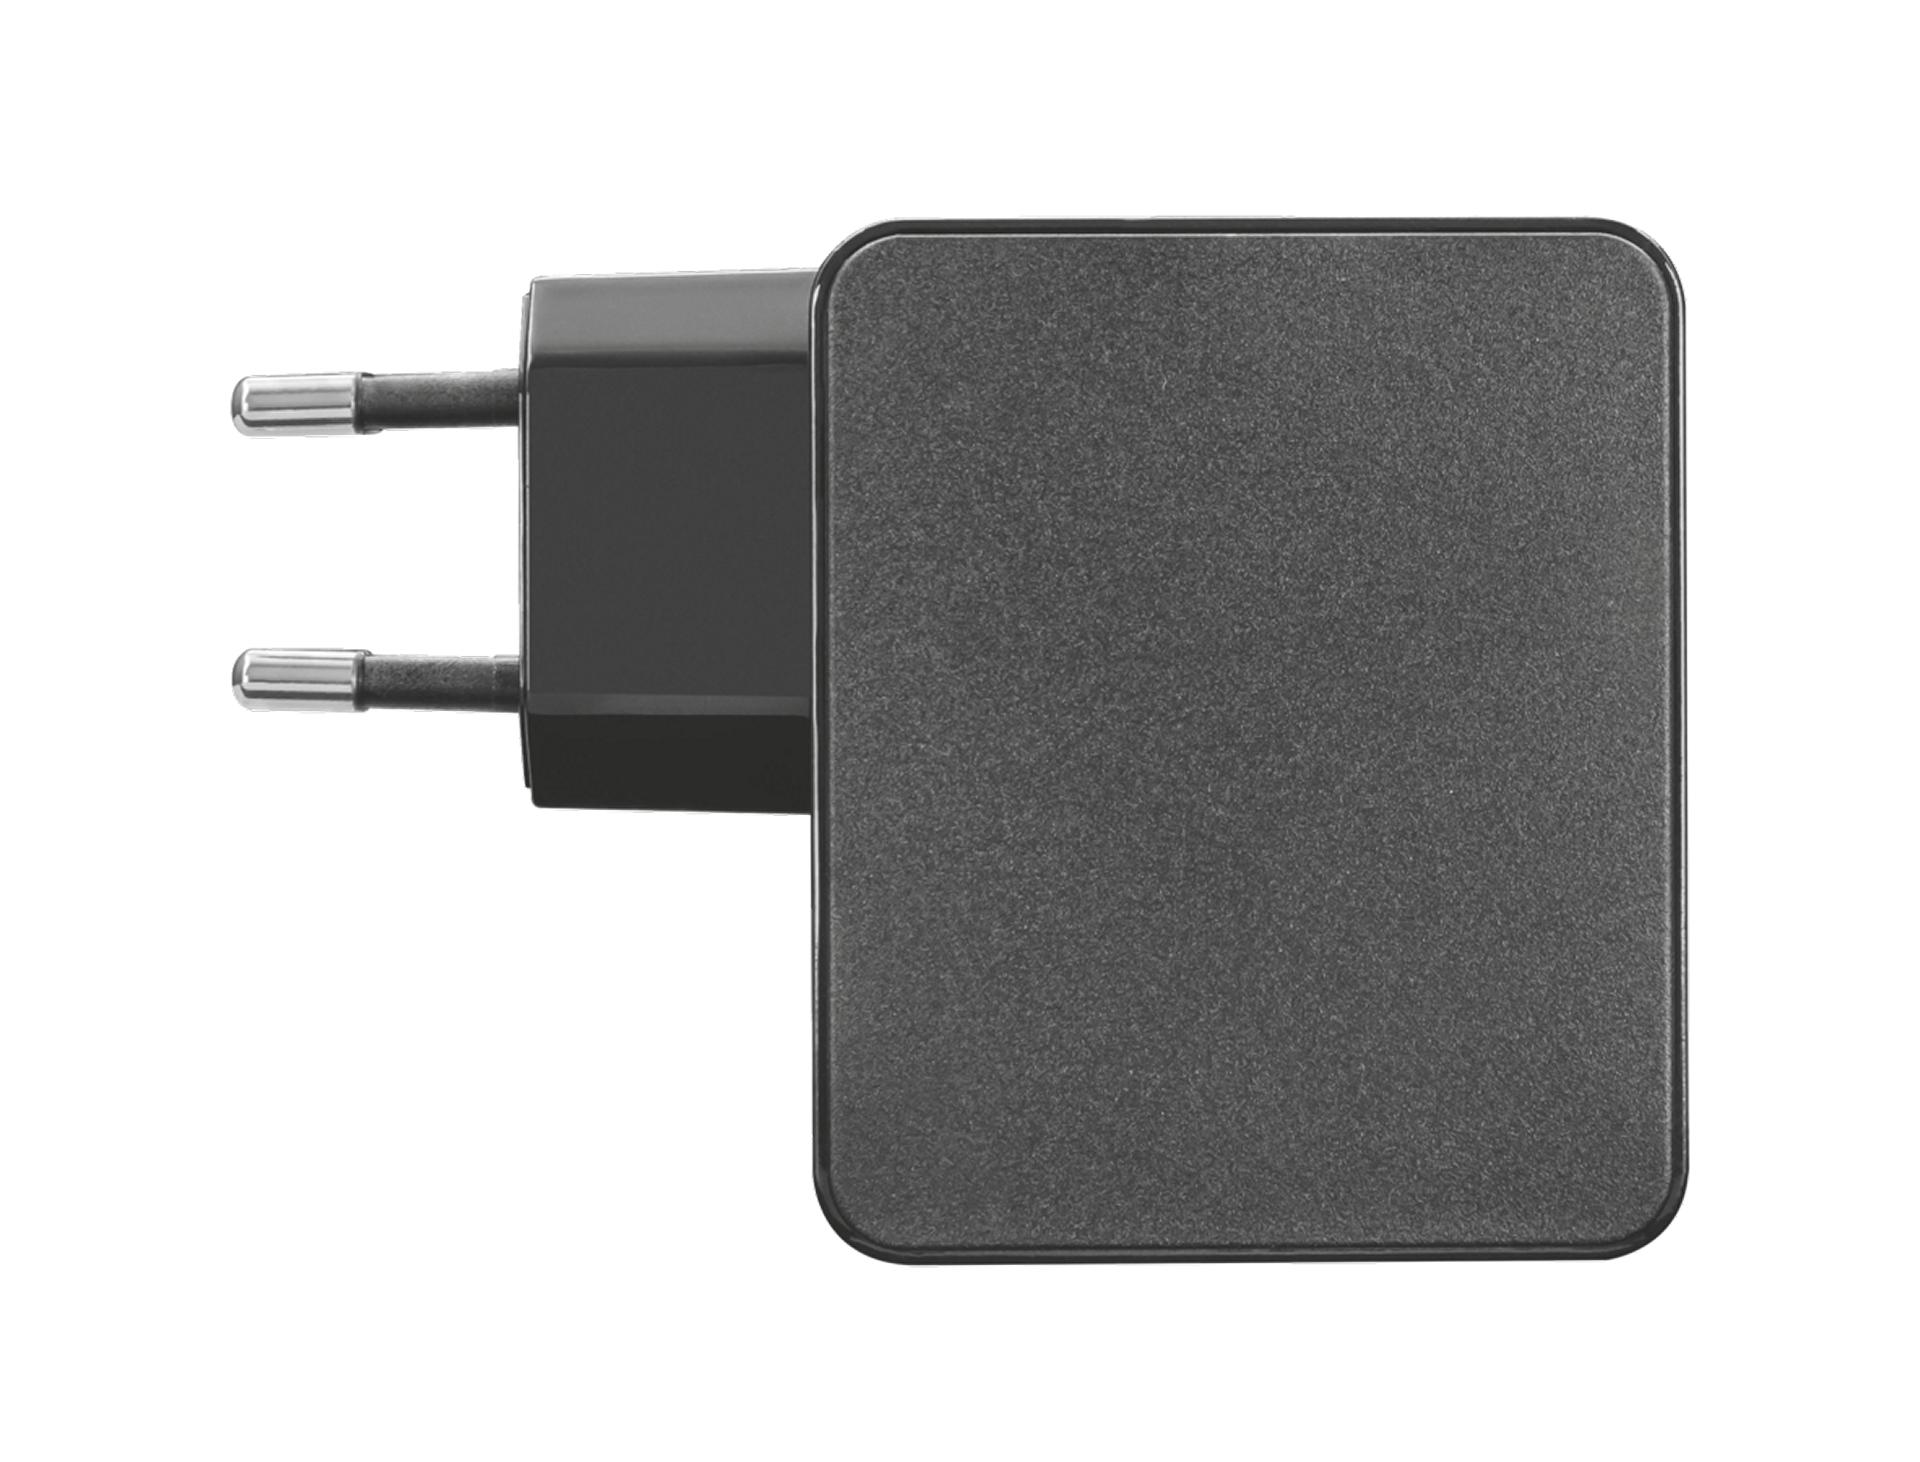 SUMMA Power adapter (45 Watt)